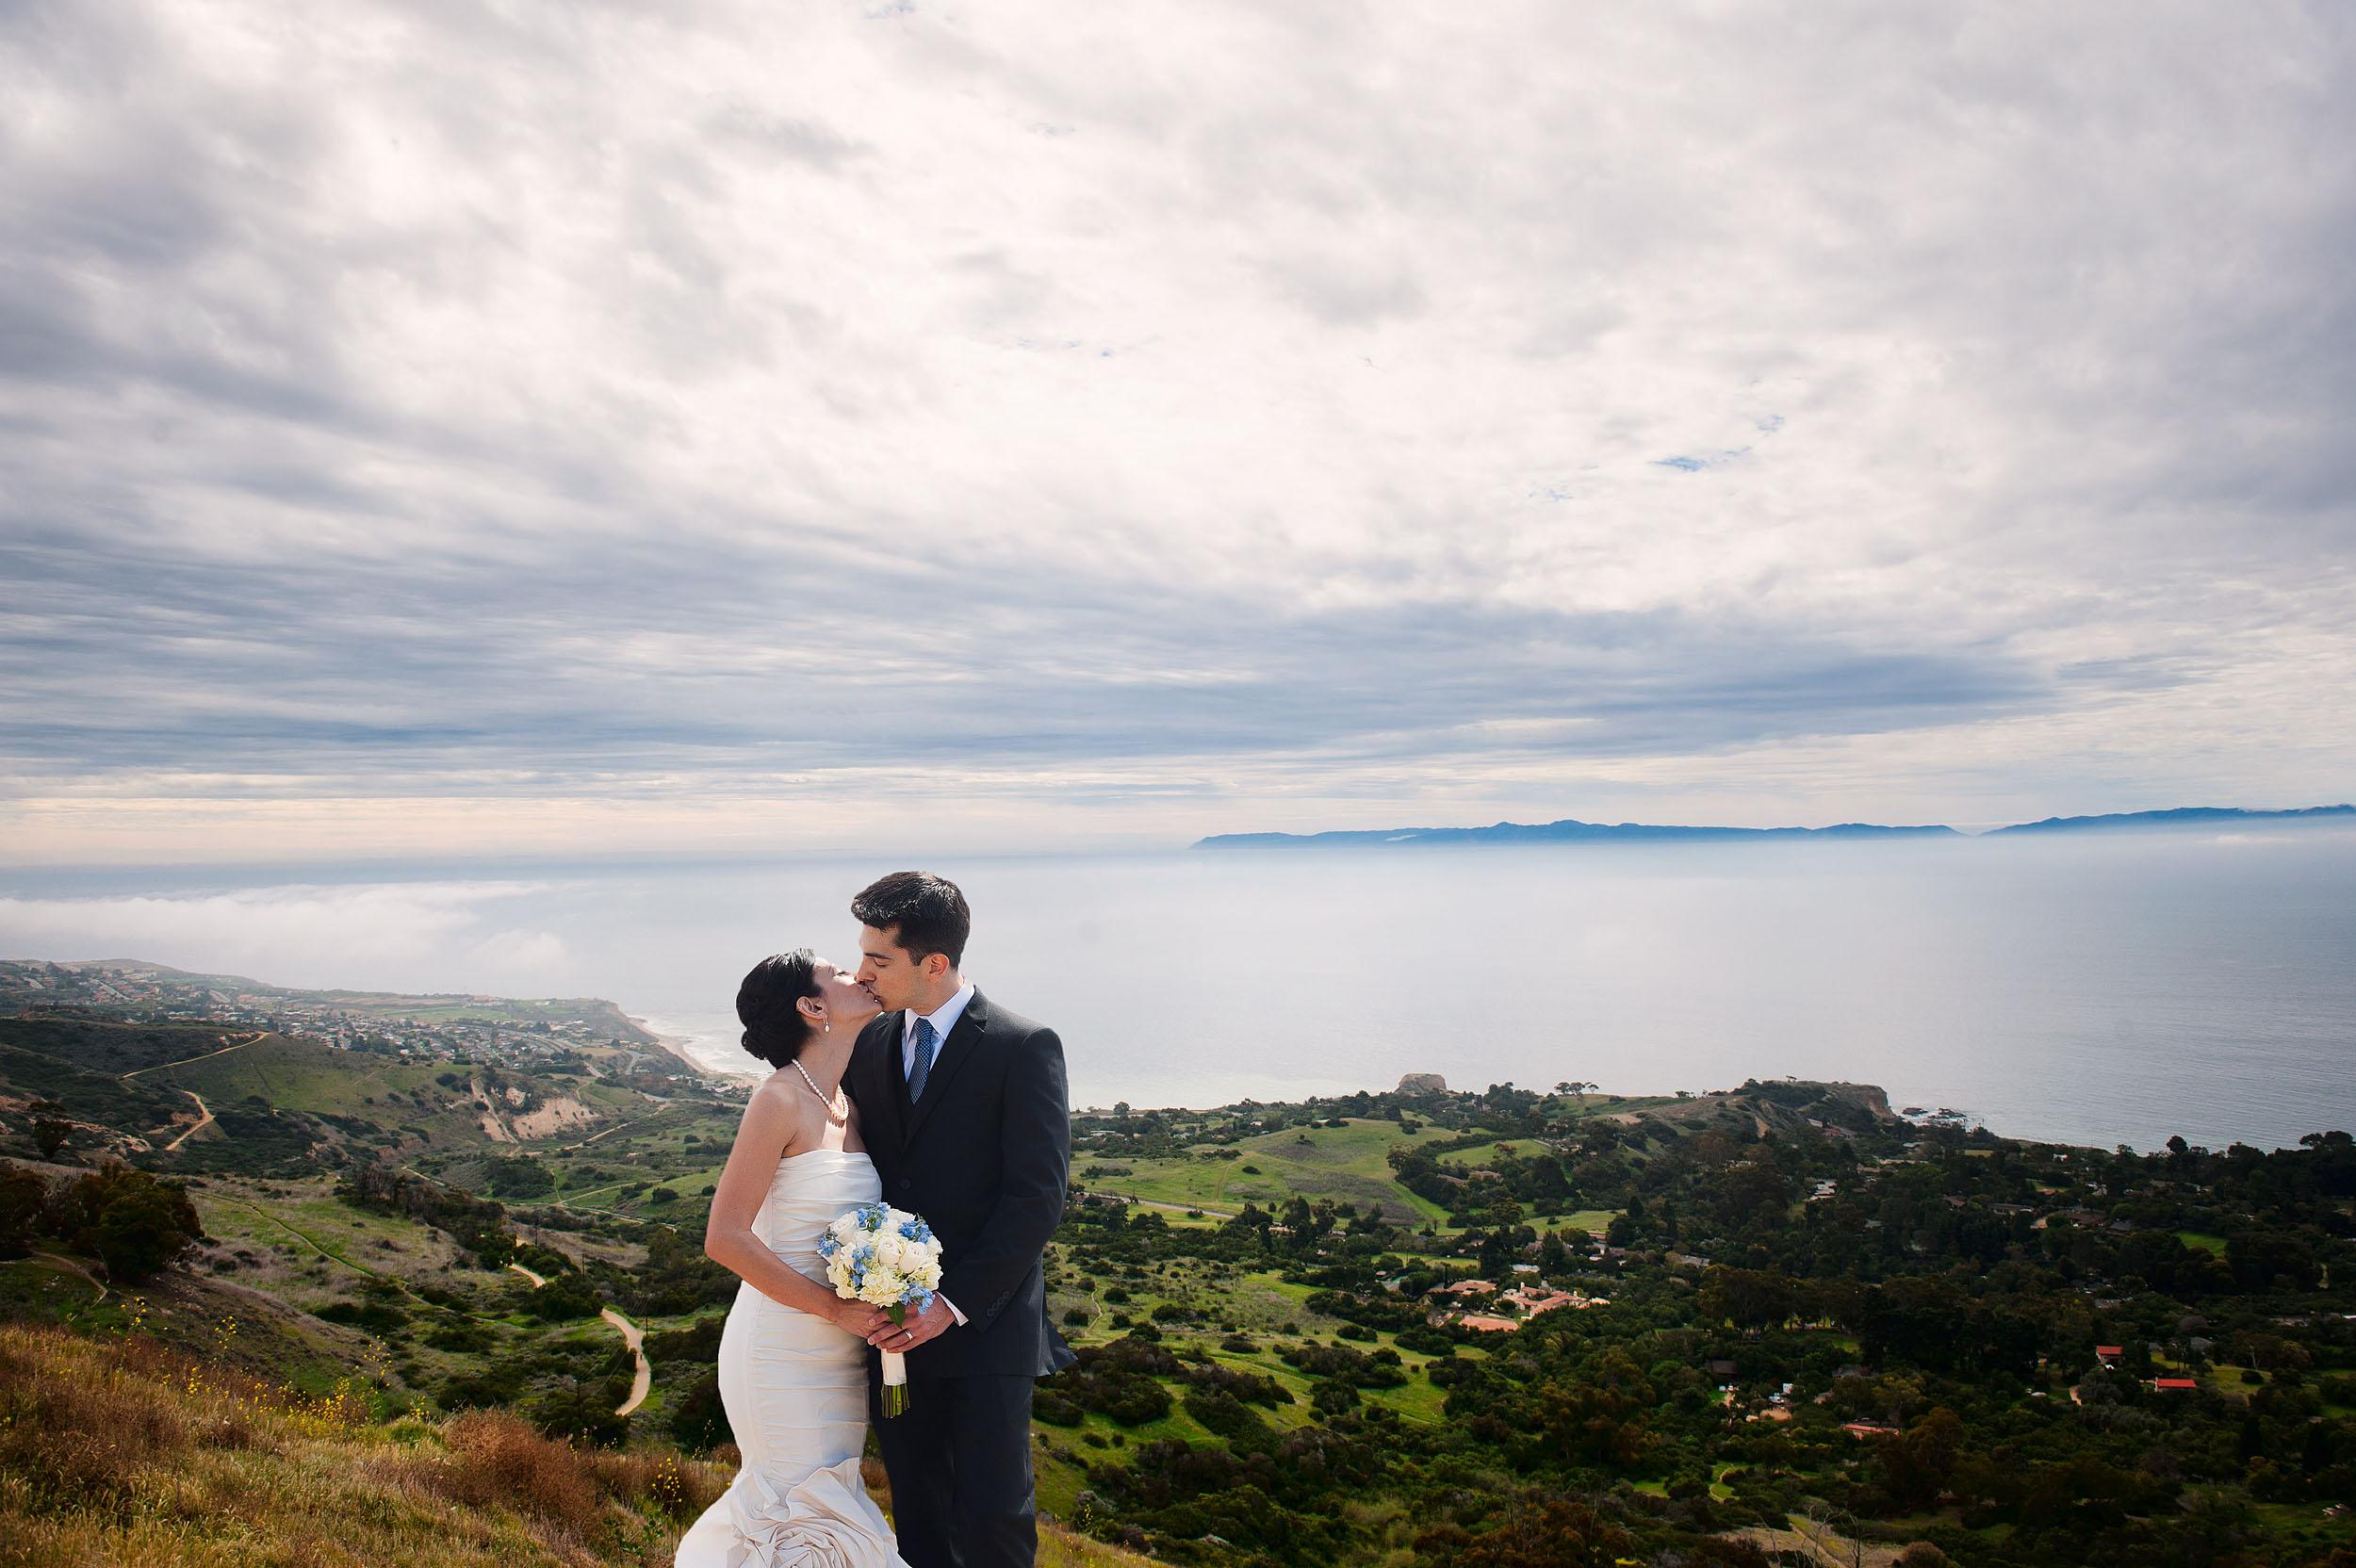 Bride and groom kissing, at Del Cerro Park overlooking Rancho Palos Verdes.